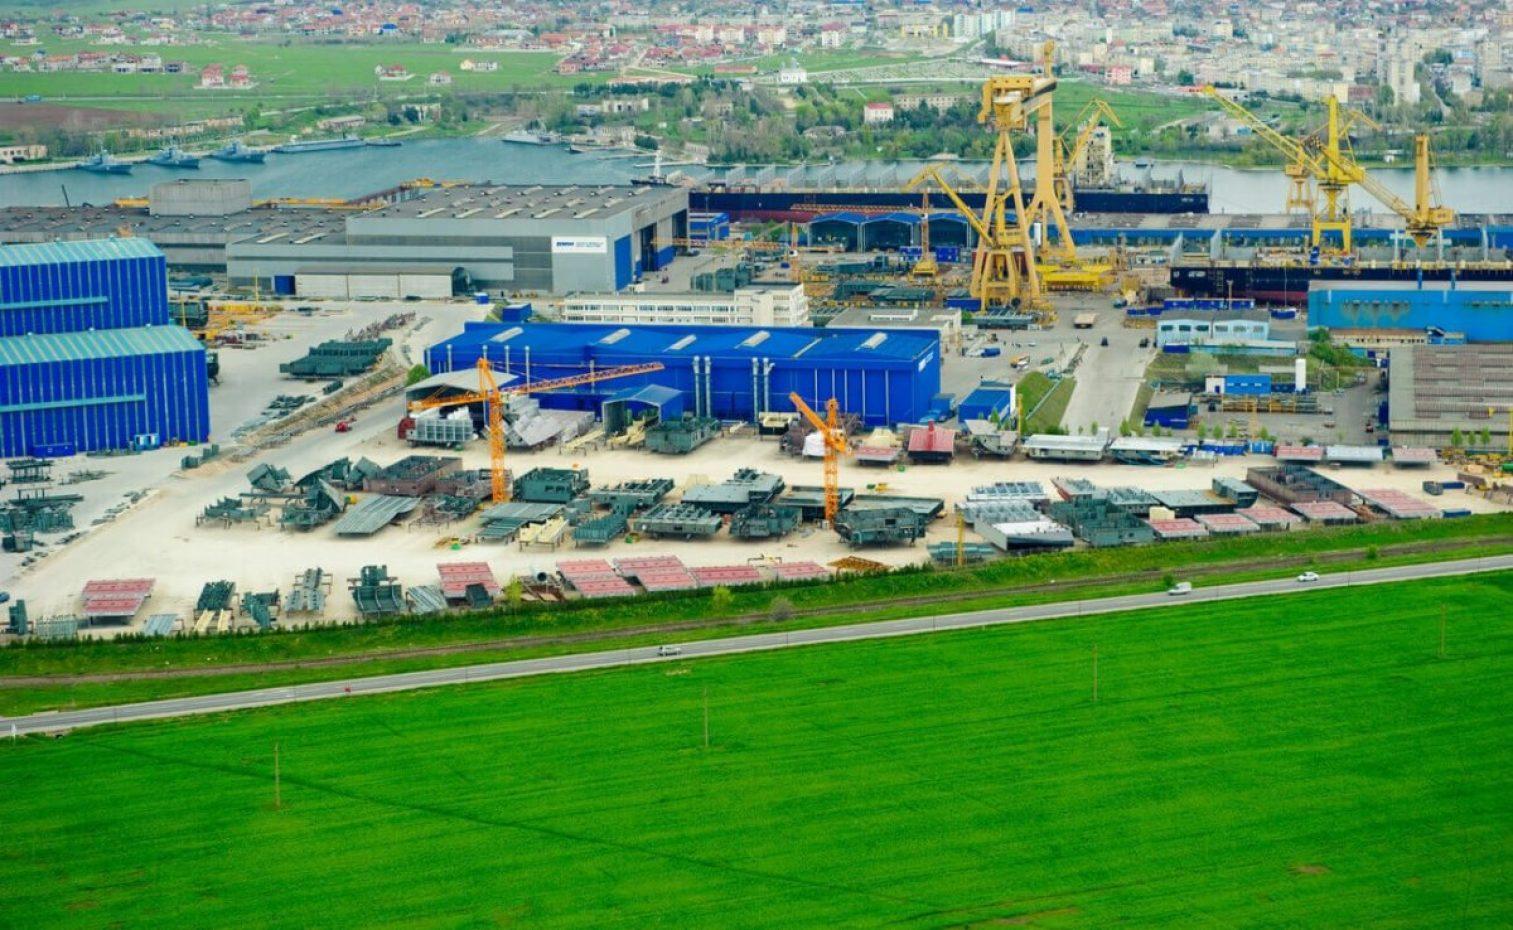 Damen Shipyard Mangalia